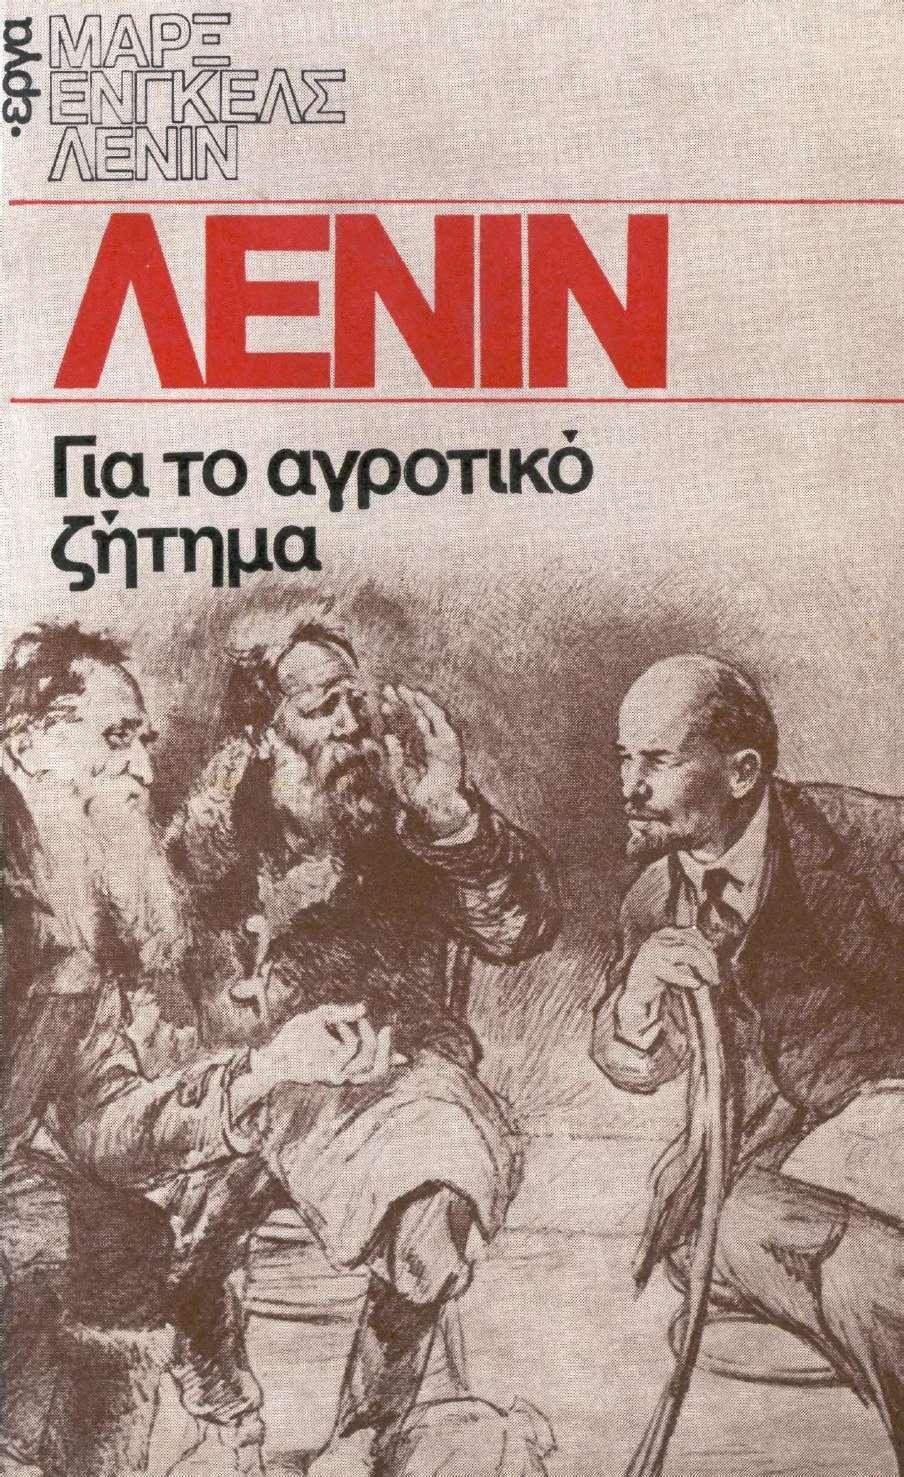 Ο Λένιν για το αγροτικό ζήτημα. Εξώφυλλο. Εκδ. Πογκρές, 1986.